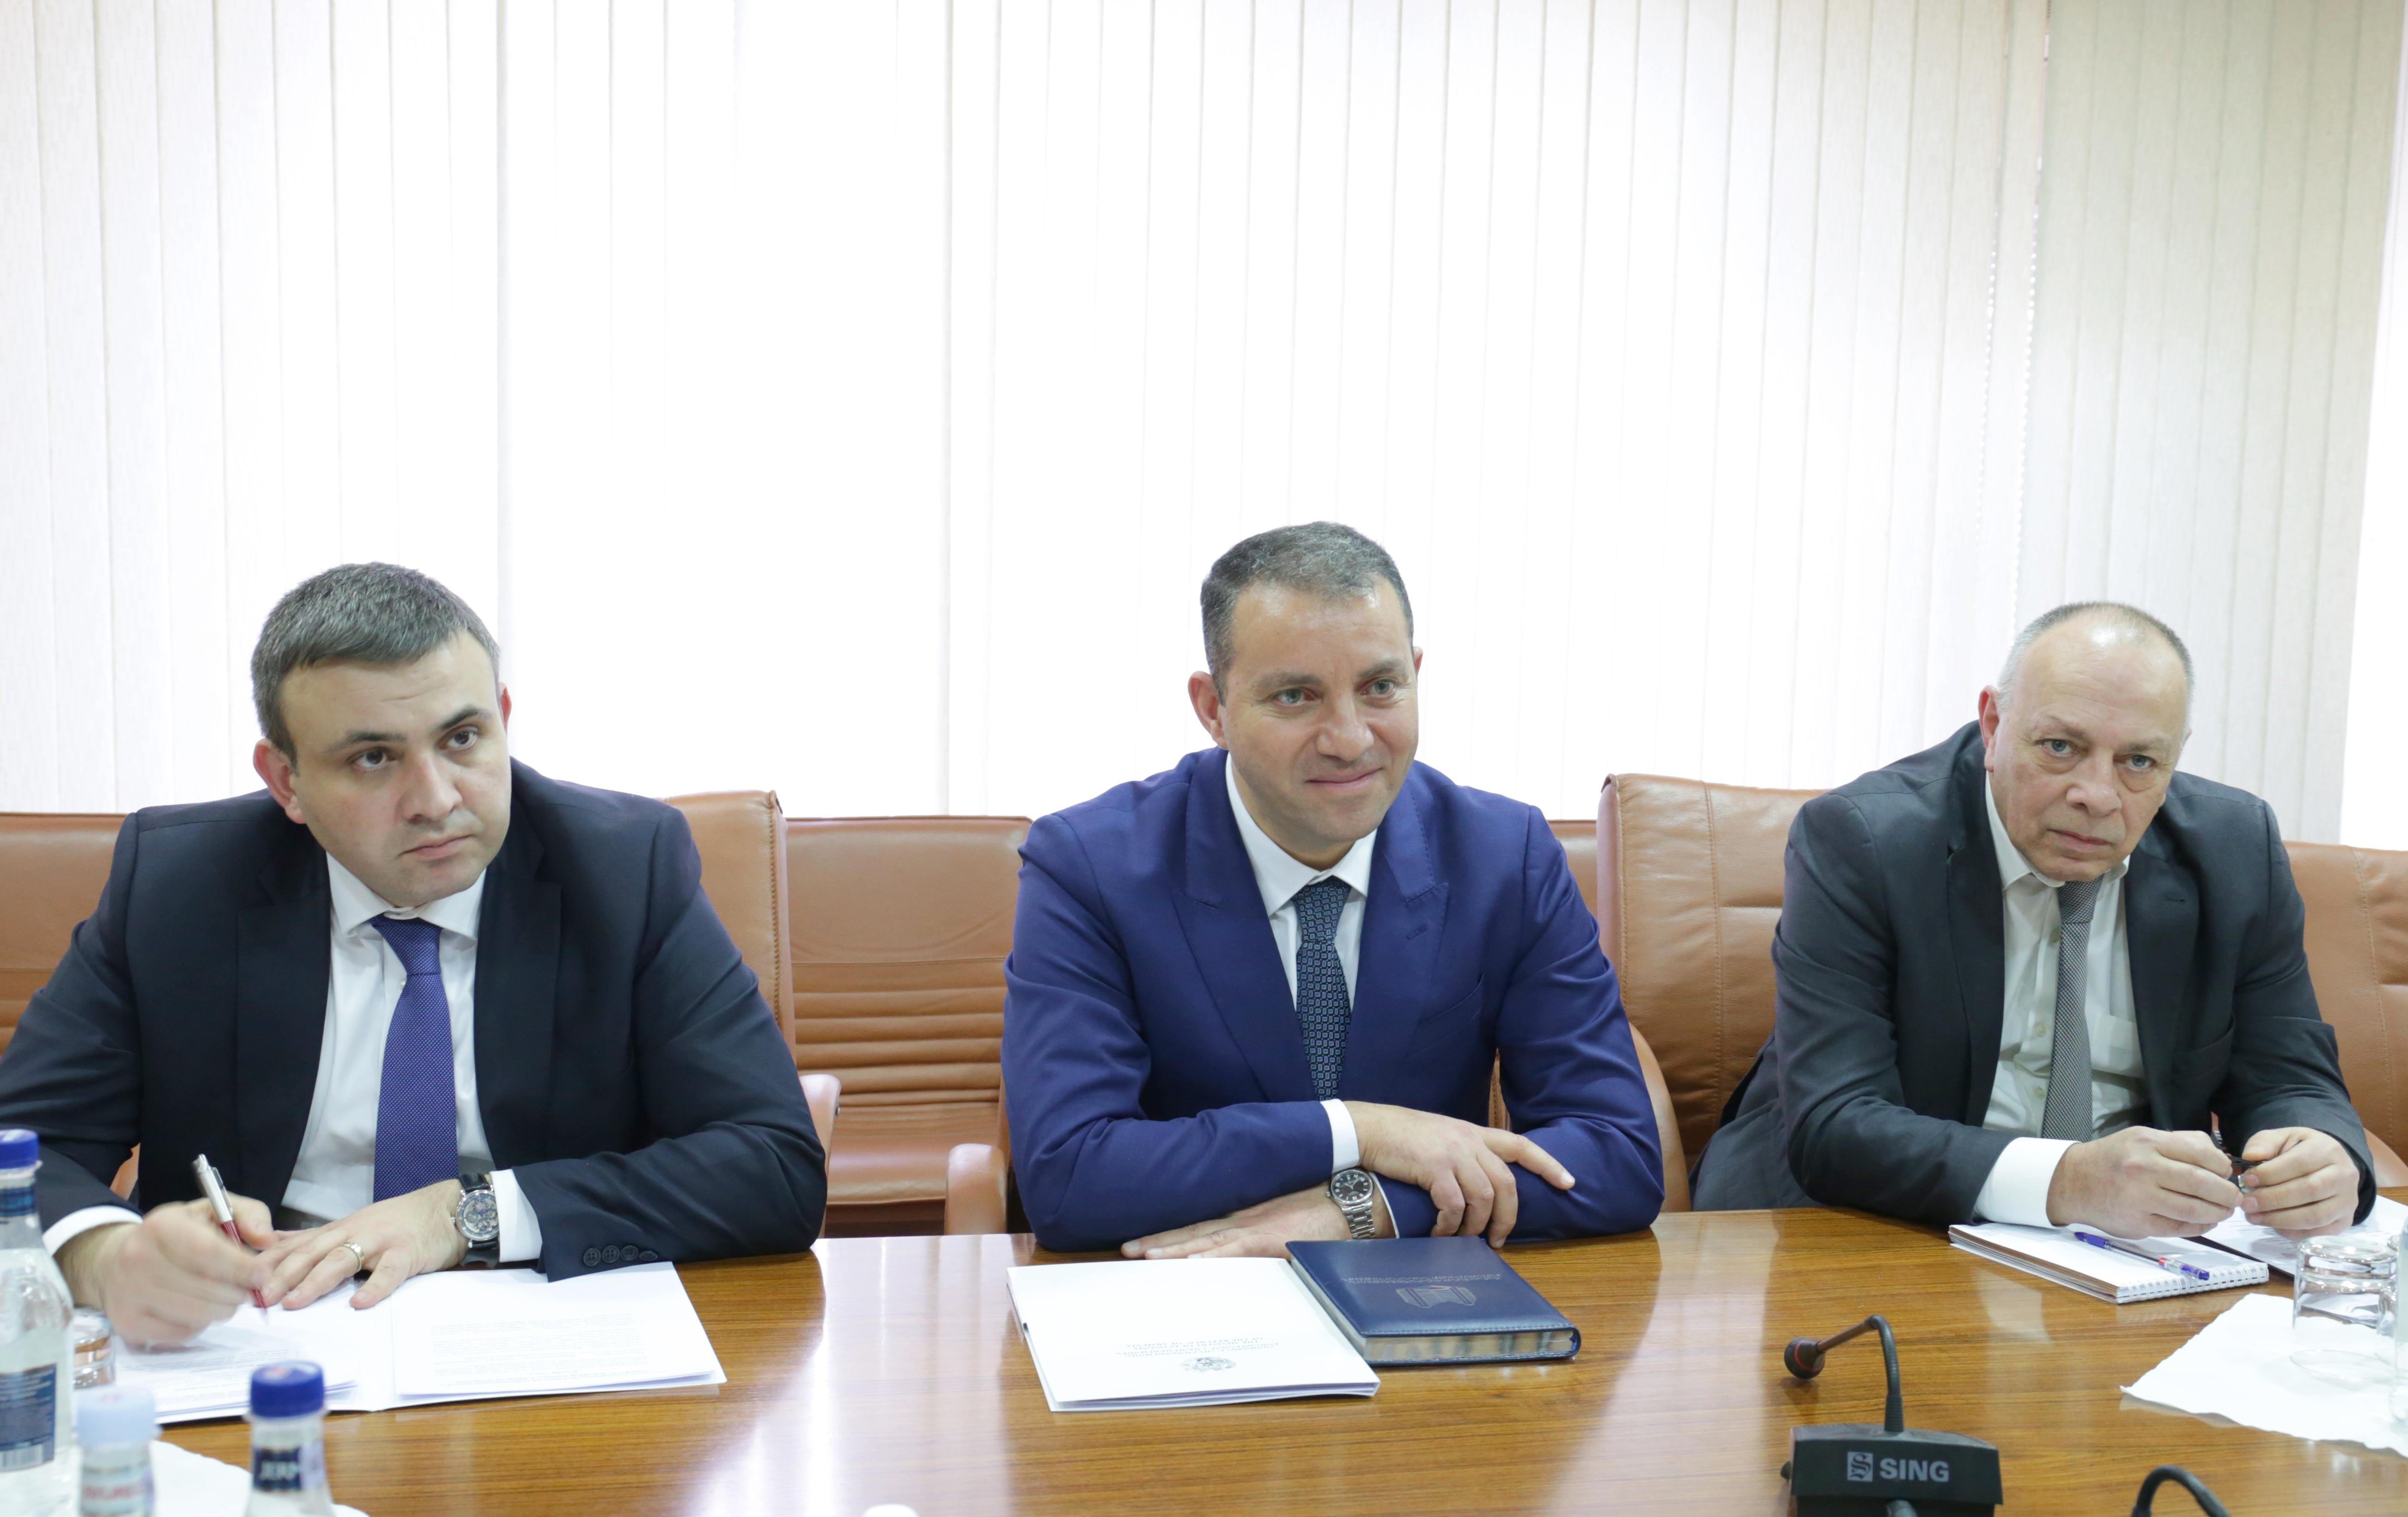 Քննարկվել են տնտեսության ոլորտում հայ-բելառուսական համագործակցության հեռանկարները<br />  <br /> 23 Փետրվարի, 2021<br />  <br />